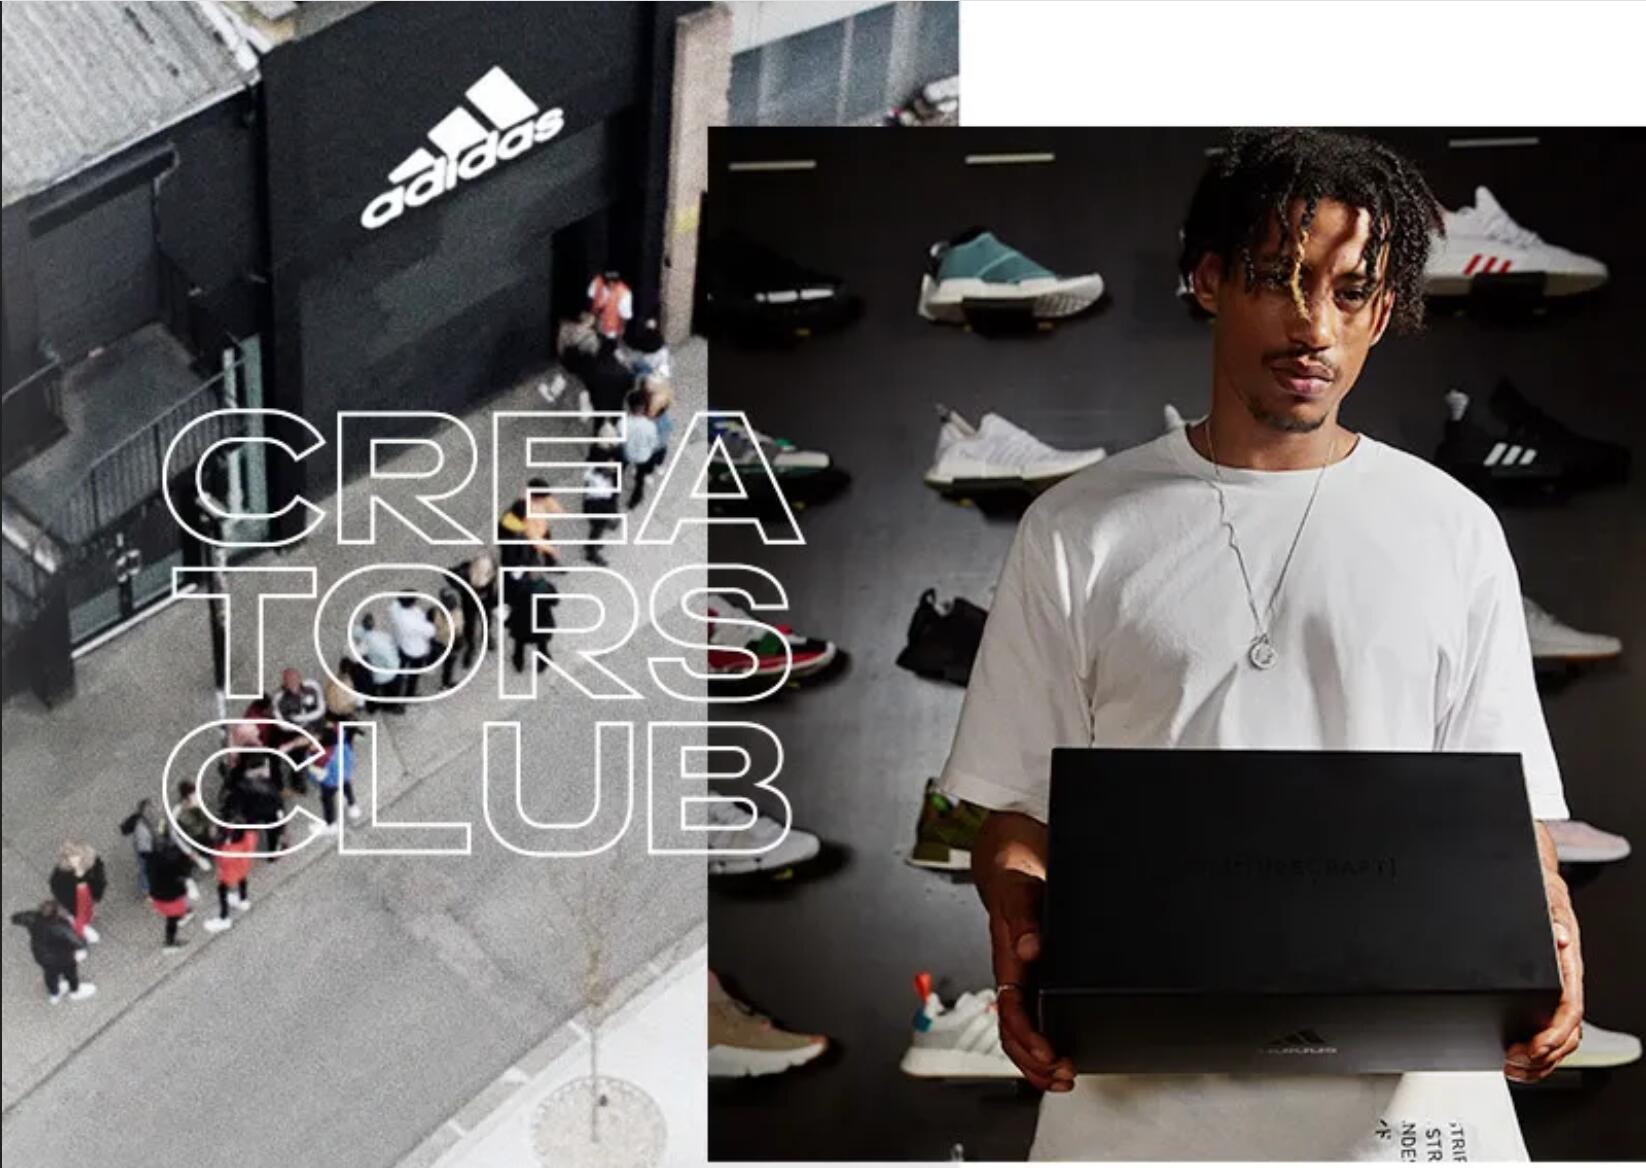 让1万名 adidas粉丝成为品牌分销商!adidas与意见领袖电商平台Storr达成合作